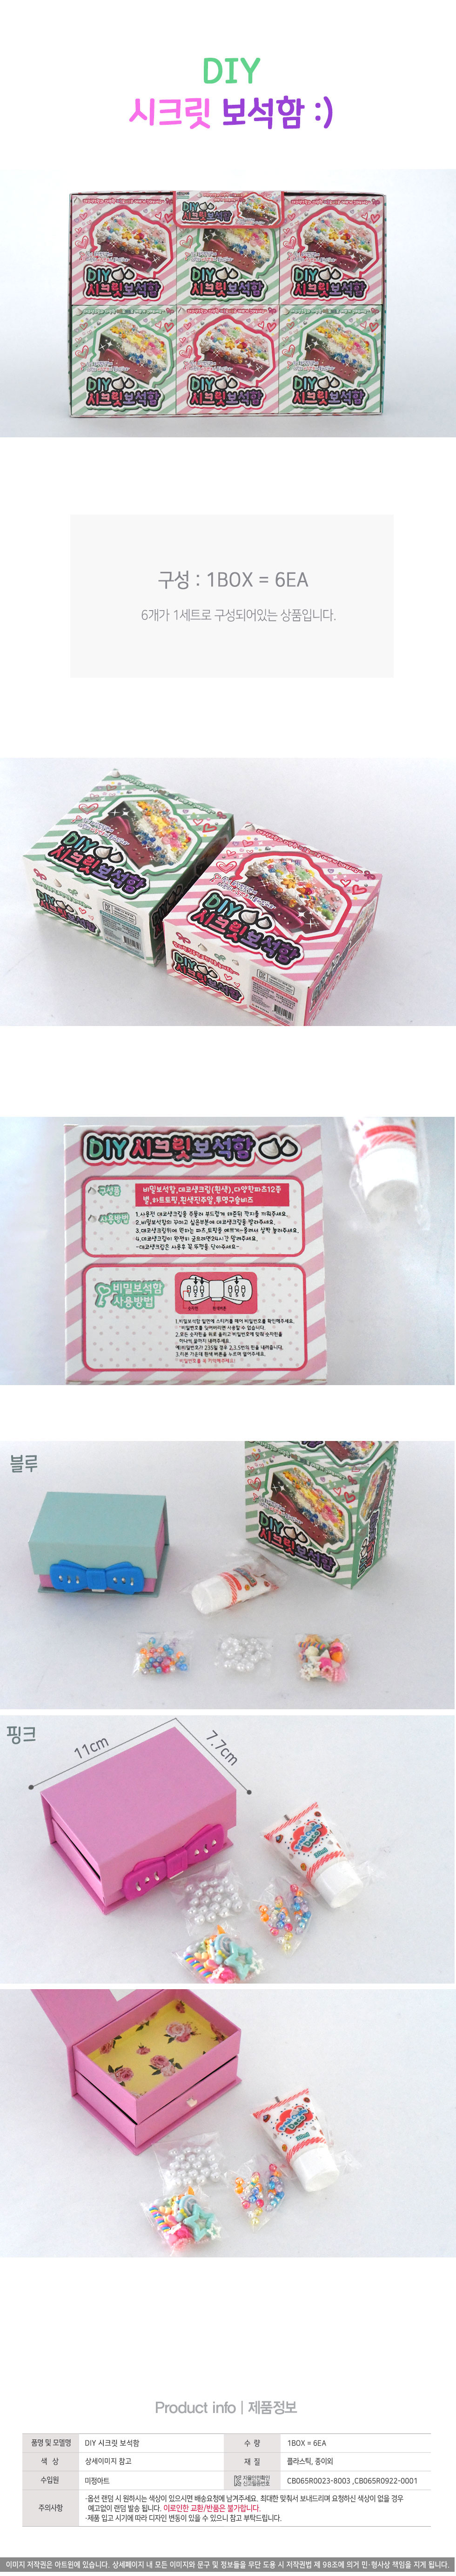 5000DIY시크릿보석함BOX(6).jpg